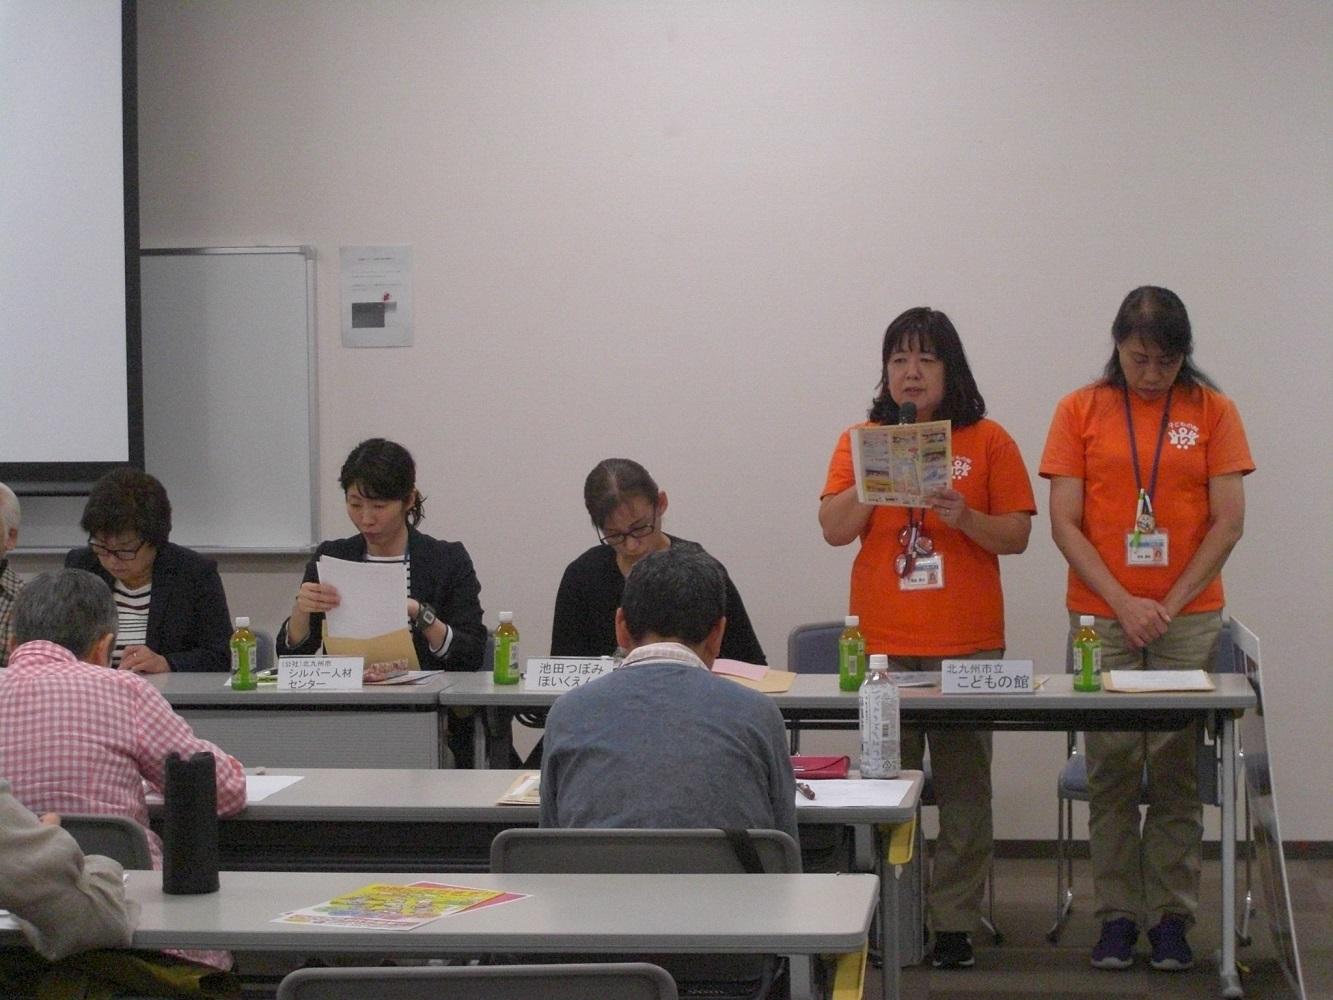 令和元年度第3回フォローアップ研修会「活動先探索講座~自分に合った活動を見つけよう~in北九州」を開催しました